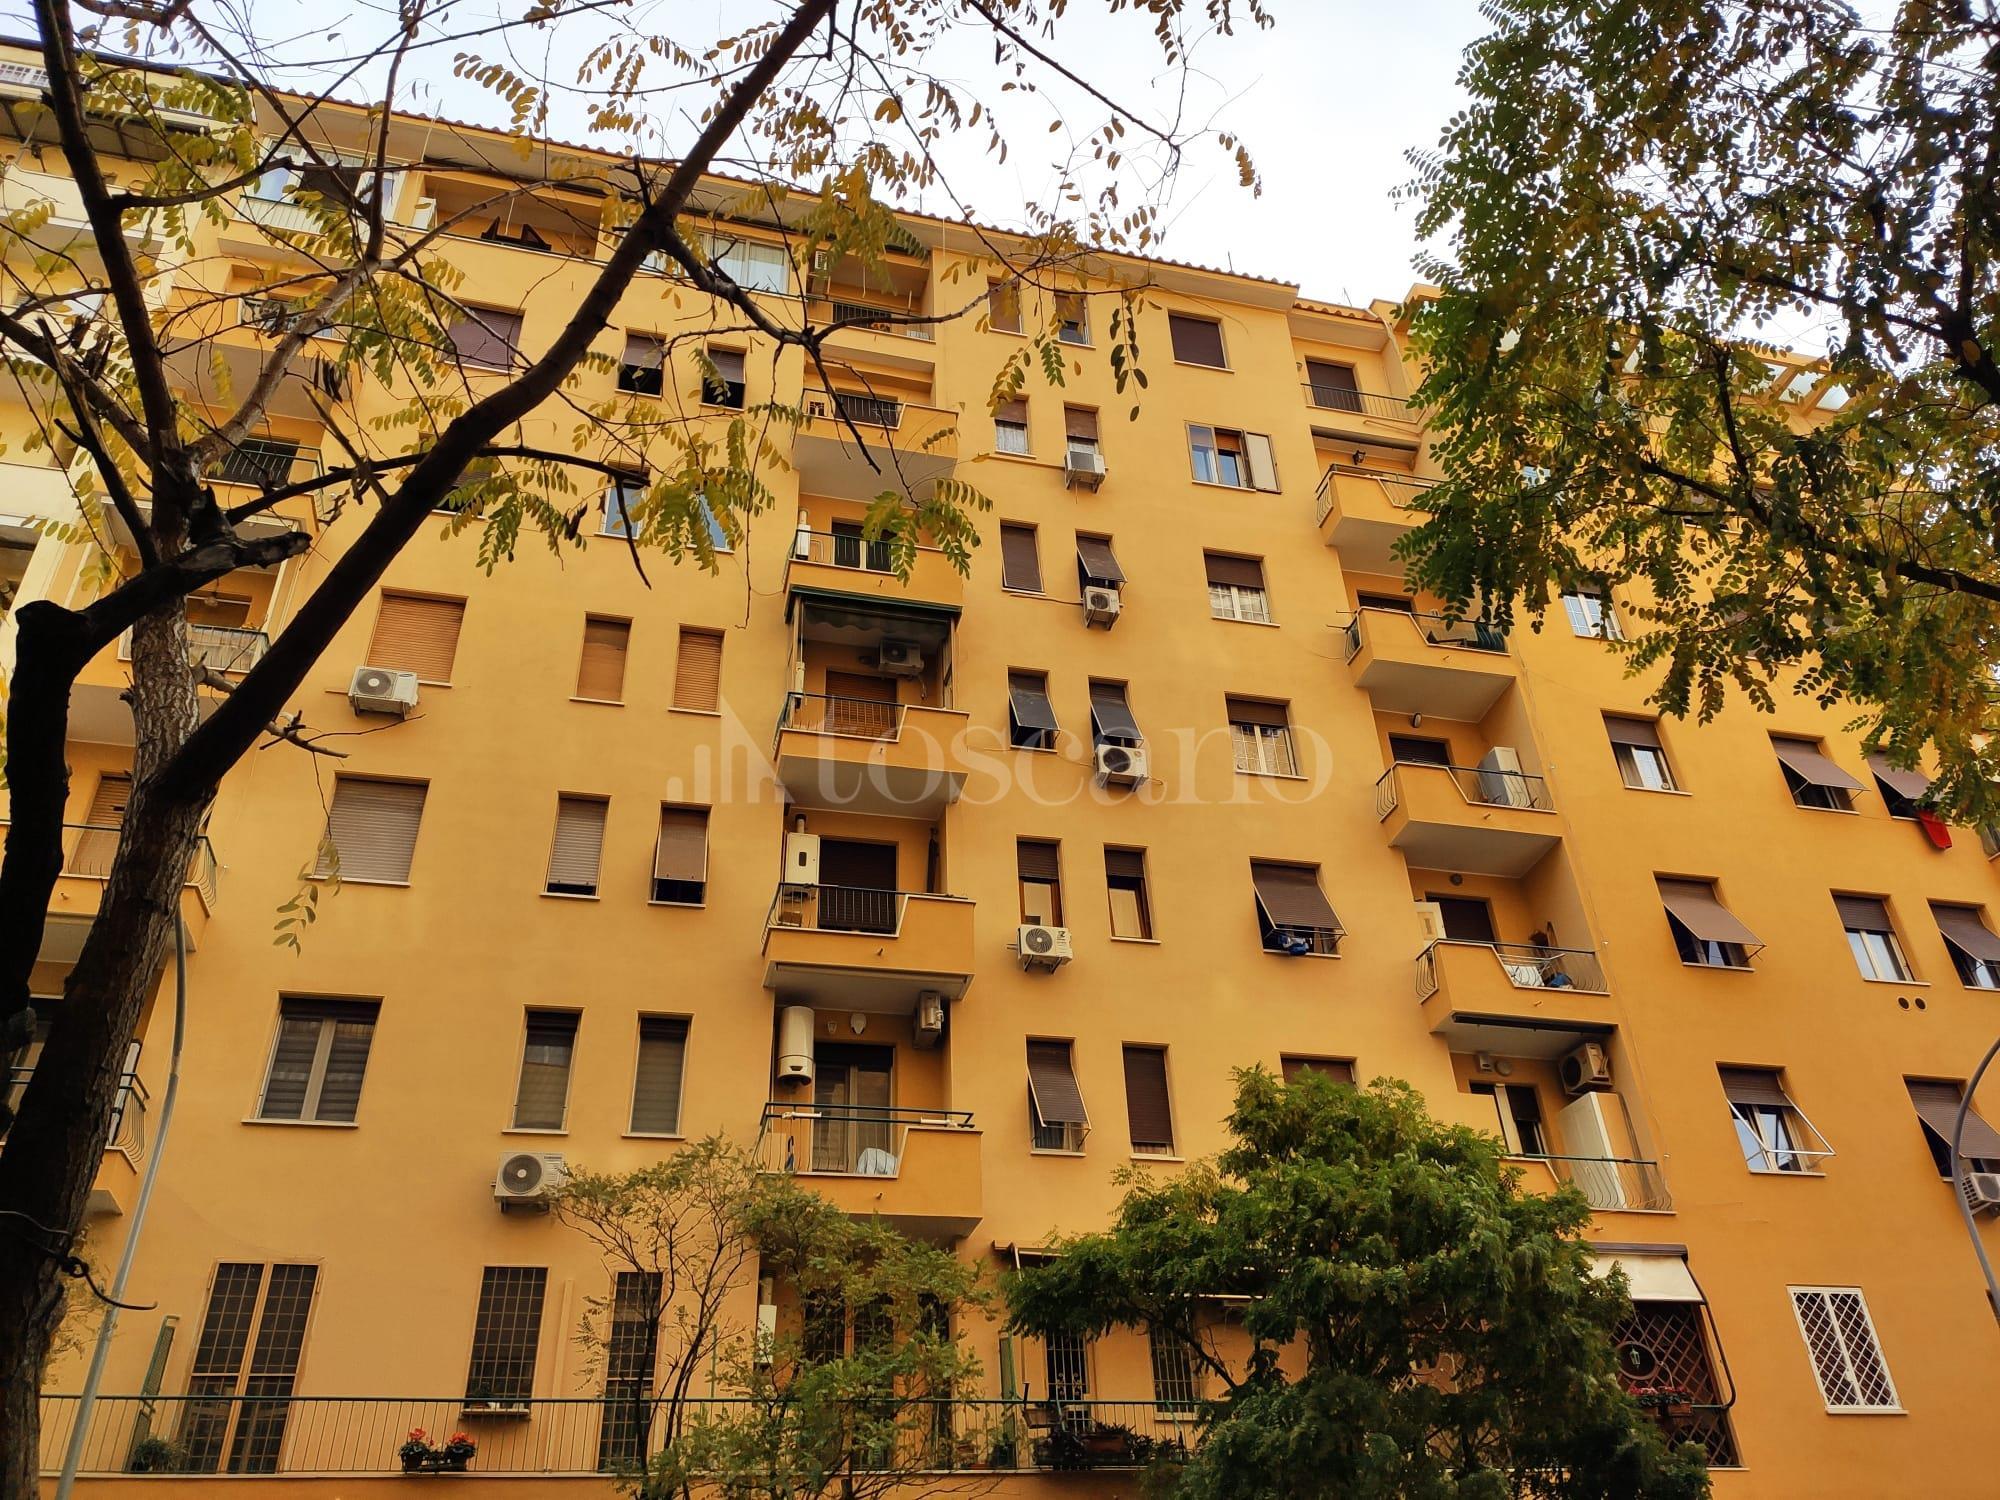 affitto Casa a Roma in Via Appia Nuova, Santa Maria ...